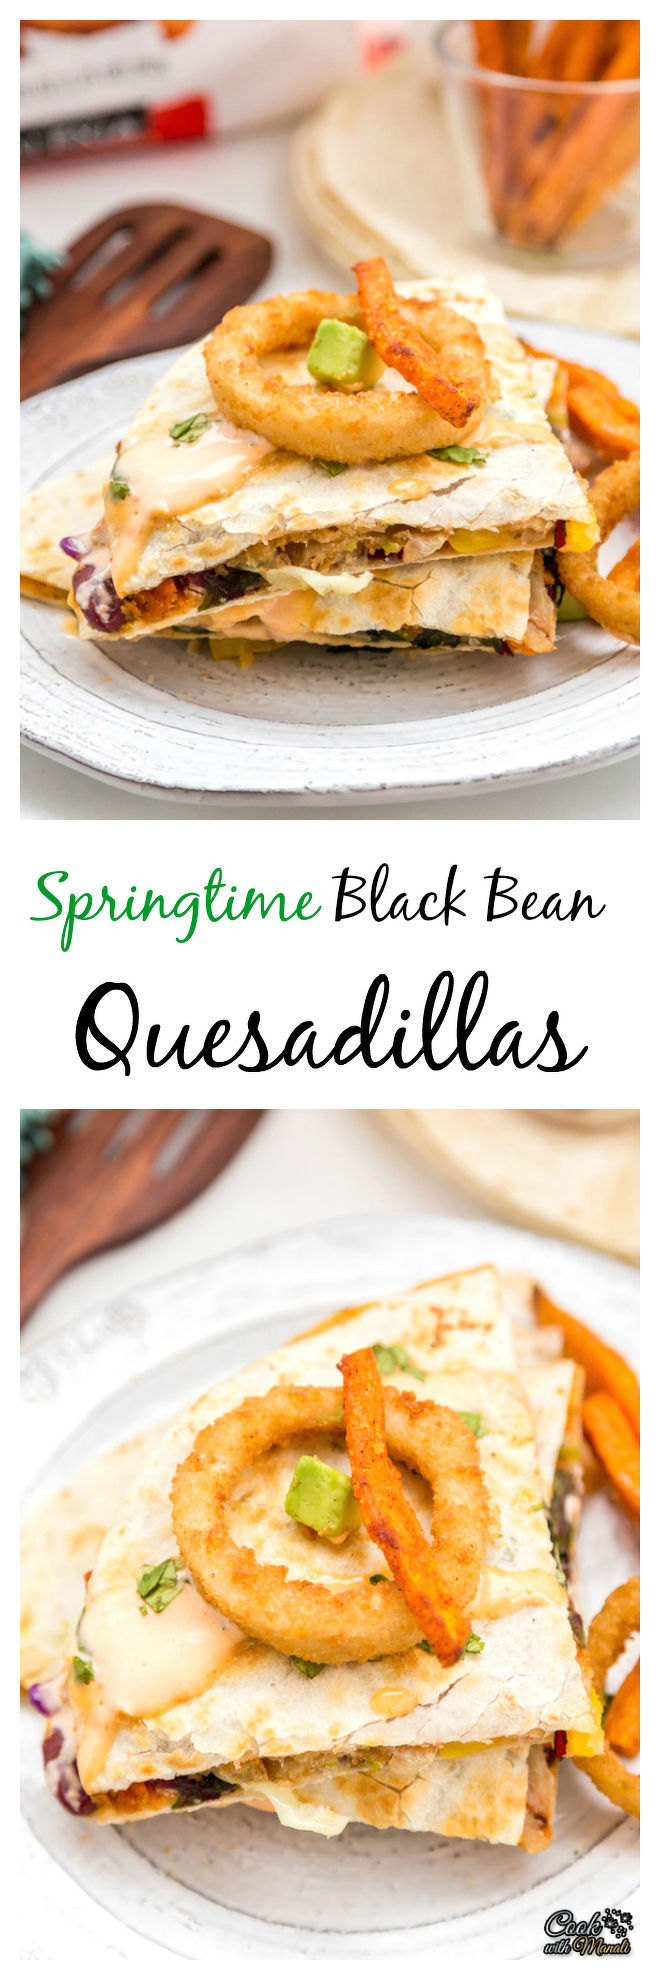 Black Bean Quesadillas Collage-nocwm